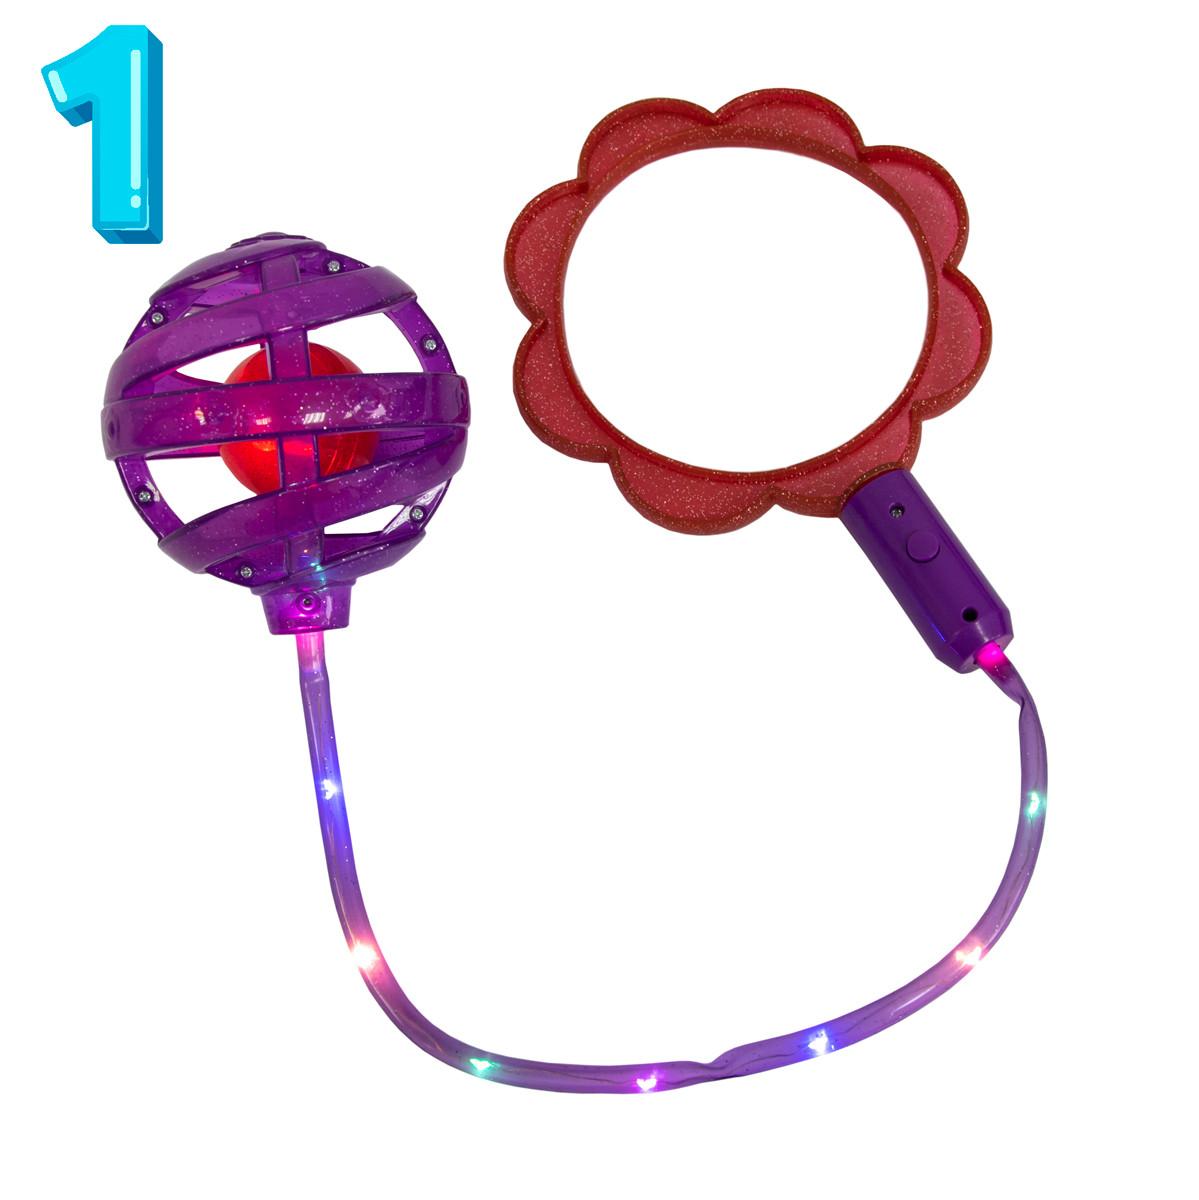 Нейроскакалка з підсвіткою на одну ногу Ice Hoop (Червоне кільце у формі квітки + Фіолетова куля №1)